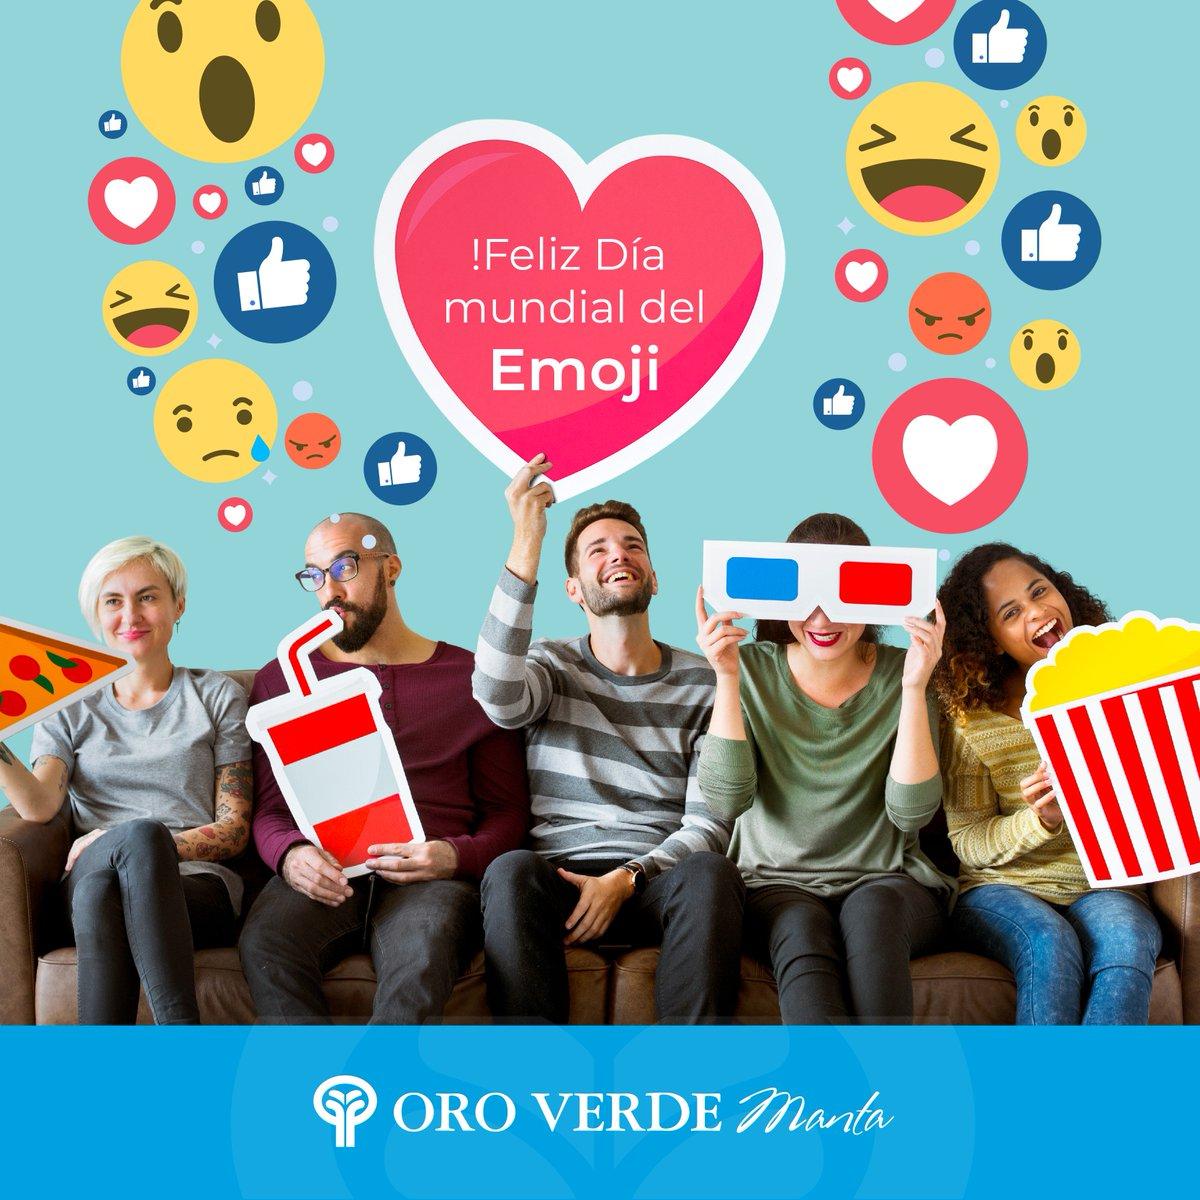 Feliz Día mundial del Emoji 😁😉✨ #OroVerdeManta #Deluxe https://t.co/25FGZZi14u